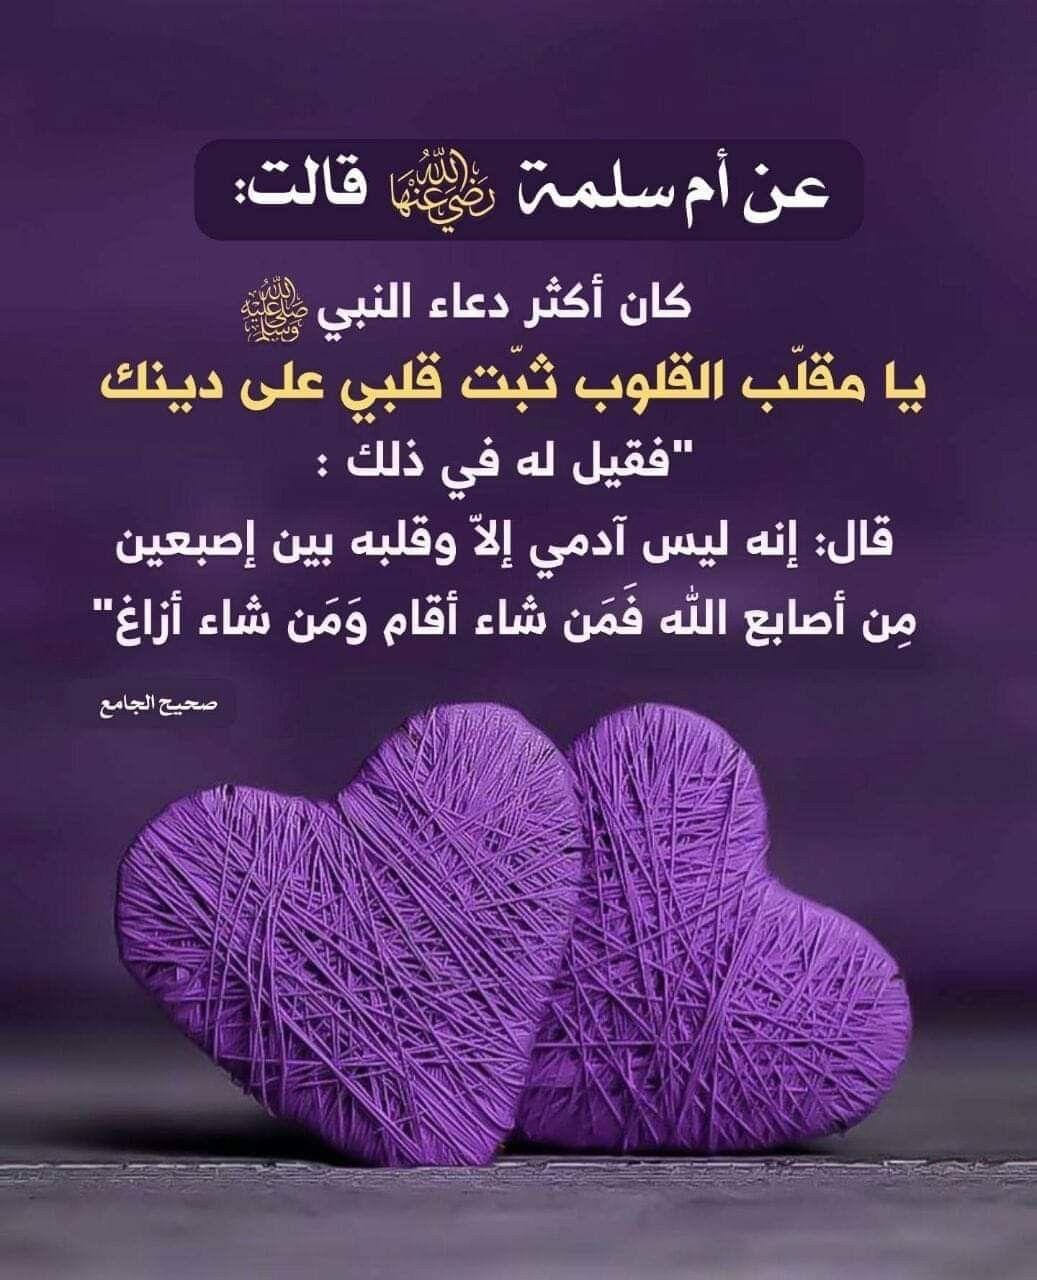 يا مقلب القلوب ثبت قلبي على دينك Learn Islam Android Wallpaper Islam